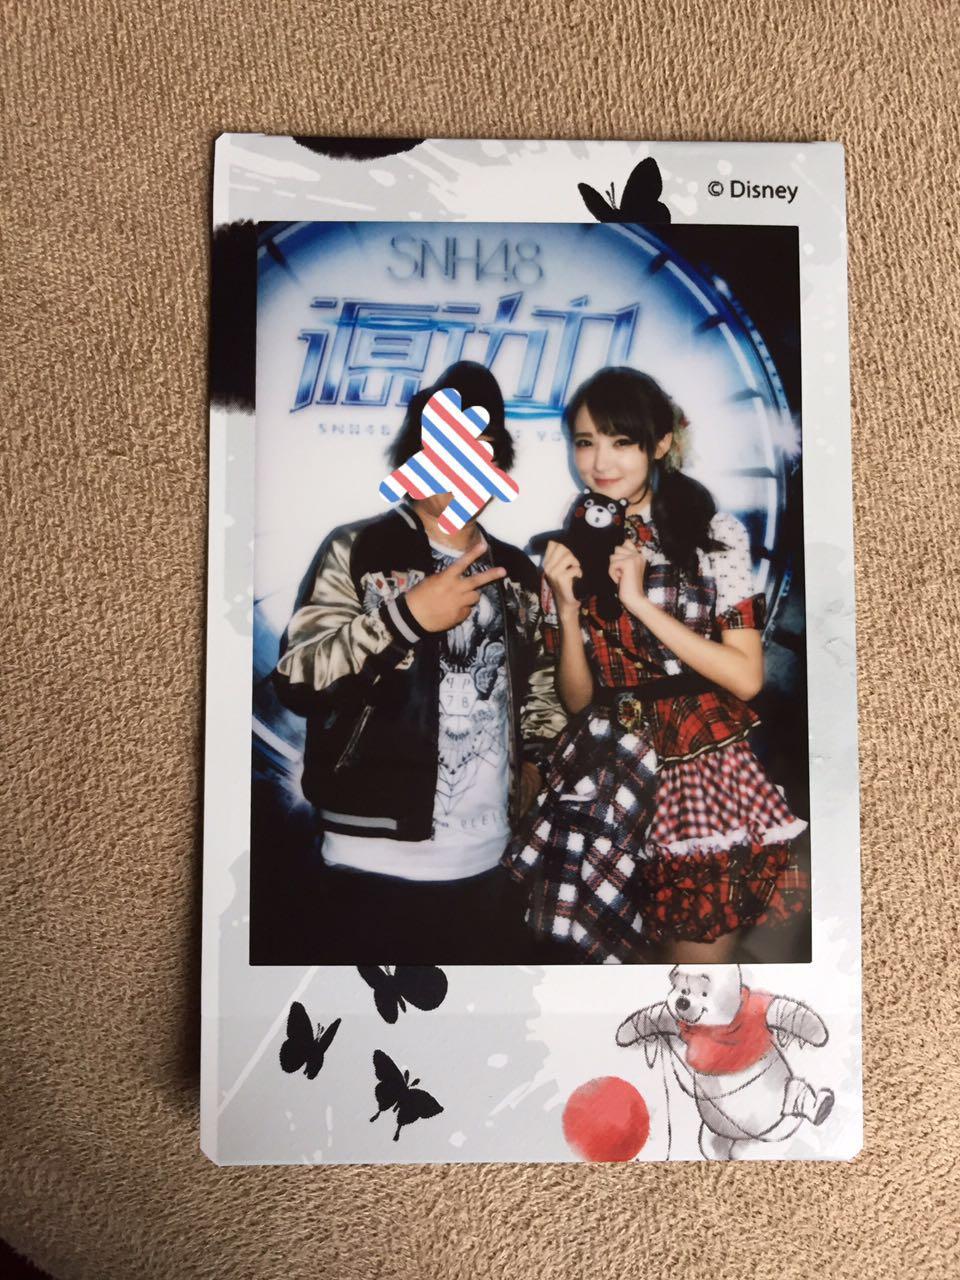 SNH48『源動力』握手会レポート ~マネー(錢蓓婷)推しさんレポート後編~